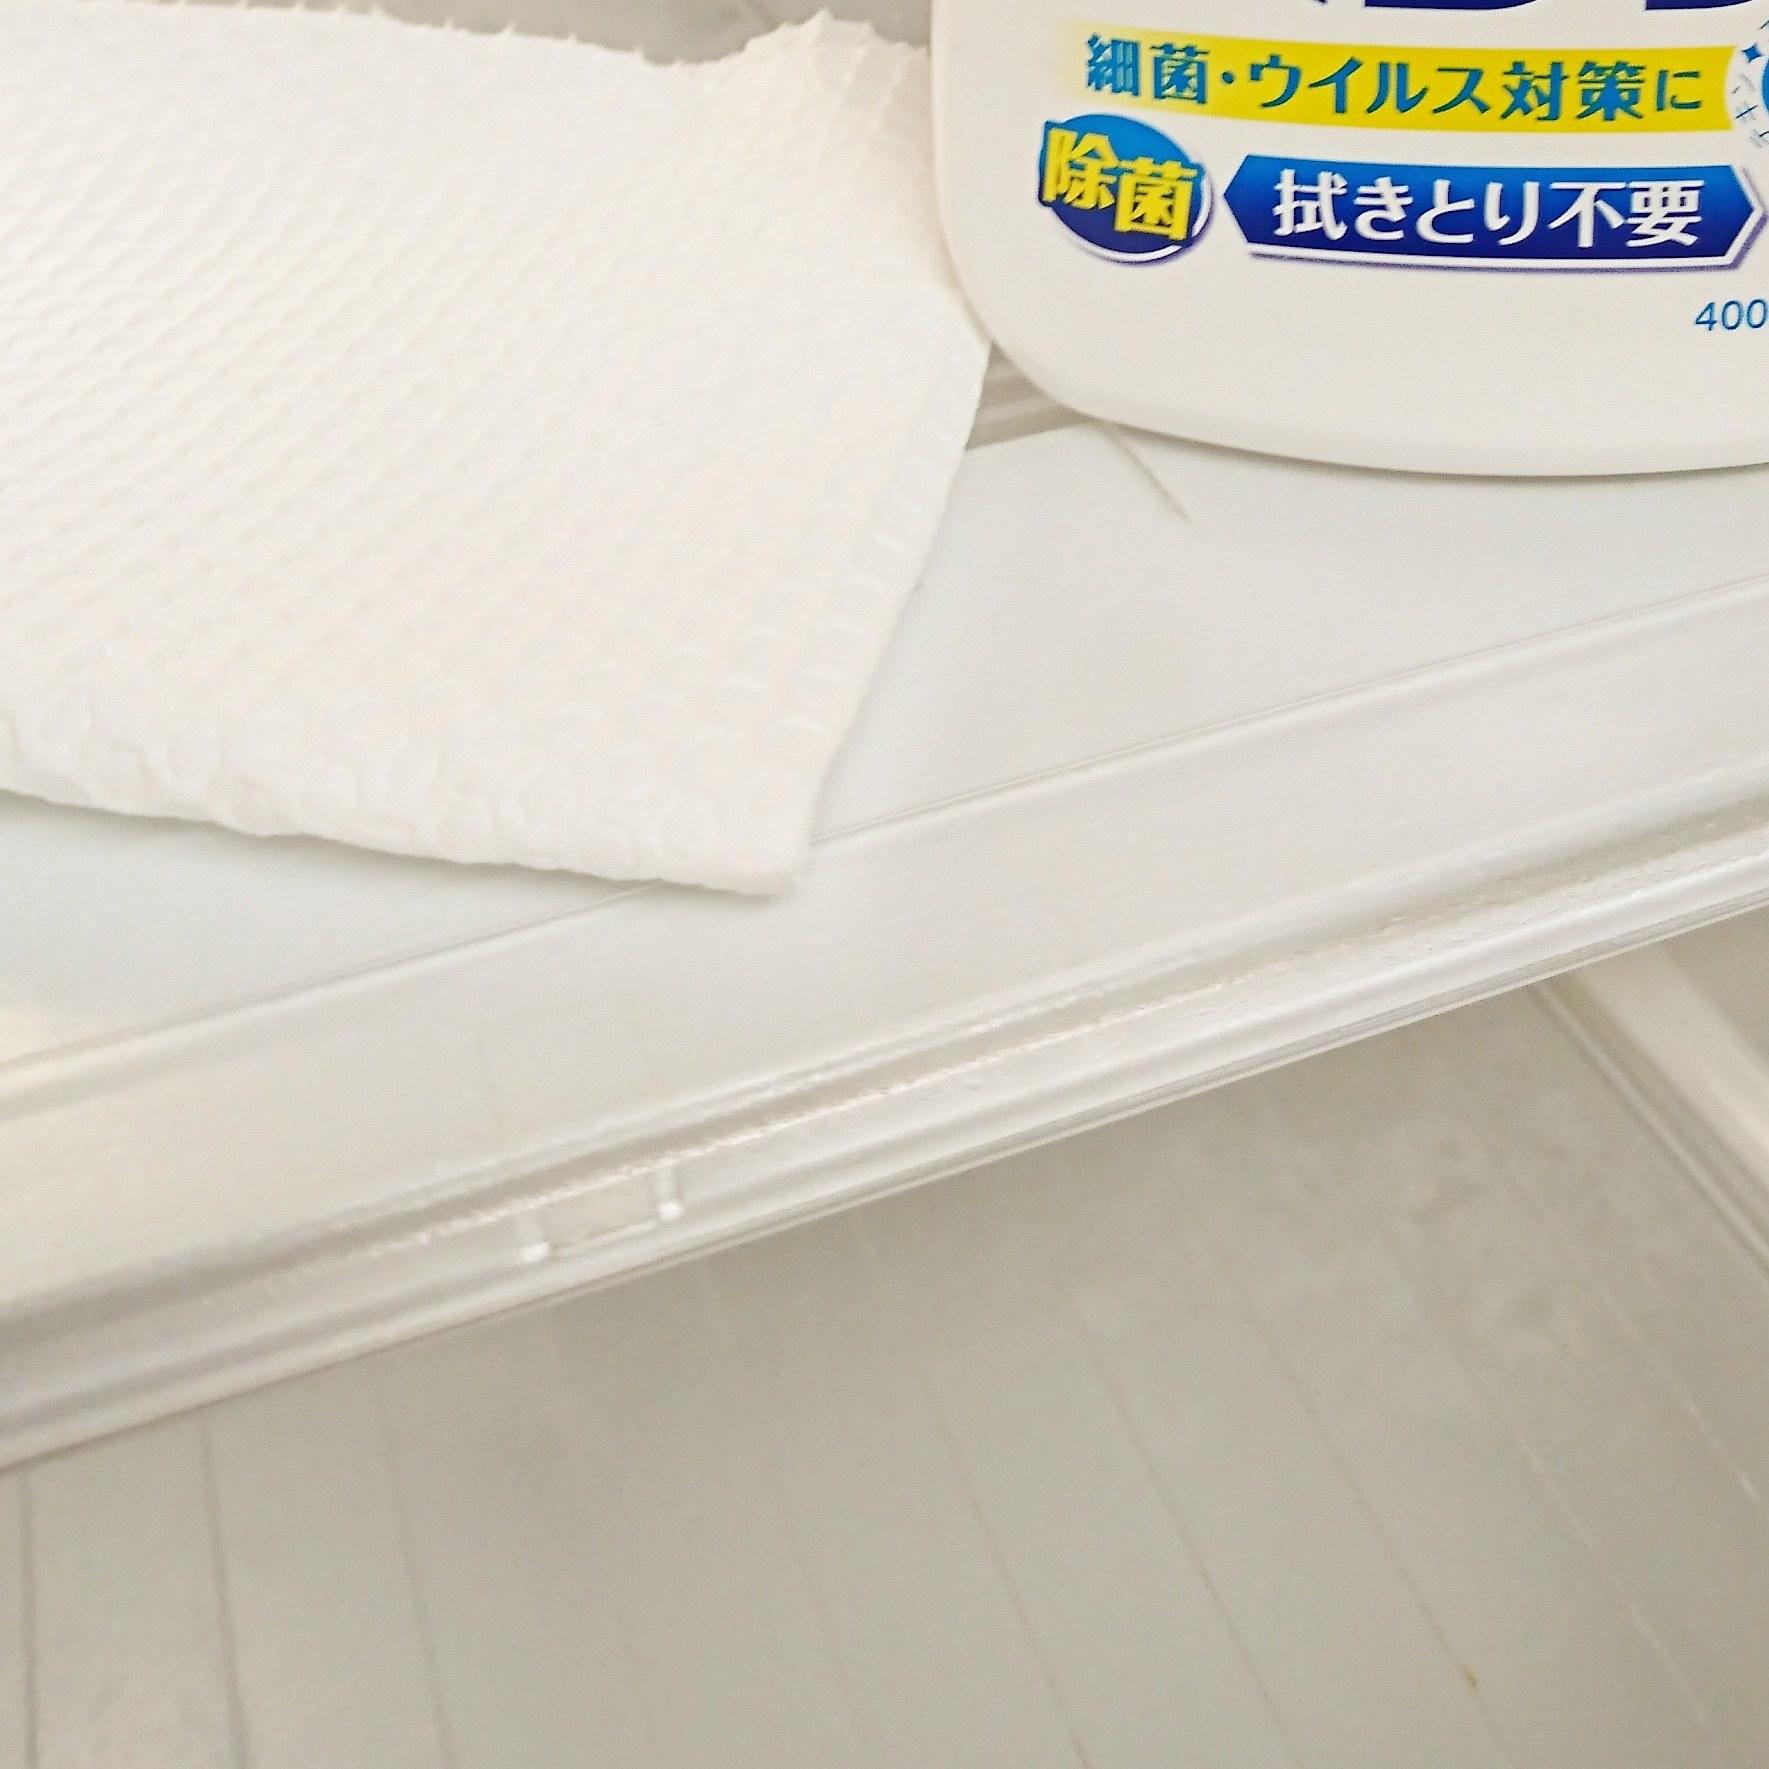 ++冷蔵庫の大掃除*++_e0354456_10194912.jpg